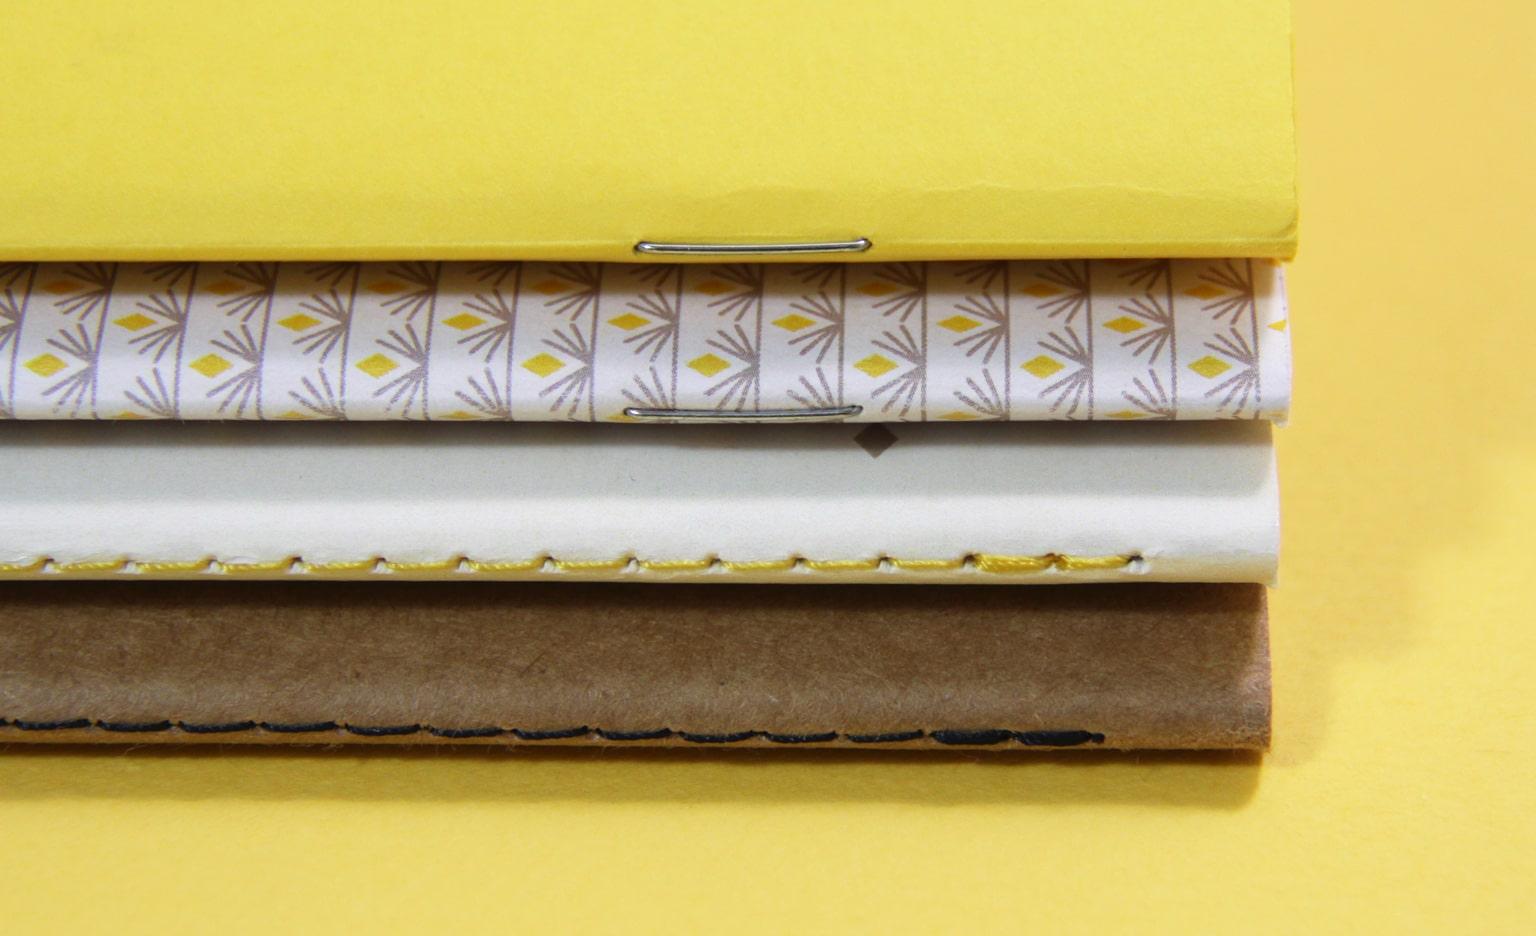 Kalepin Carnet publicitaire personnalisé agrafé ou cousu Vachon